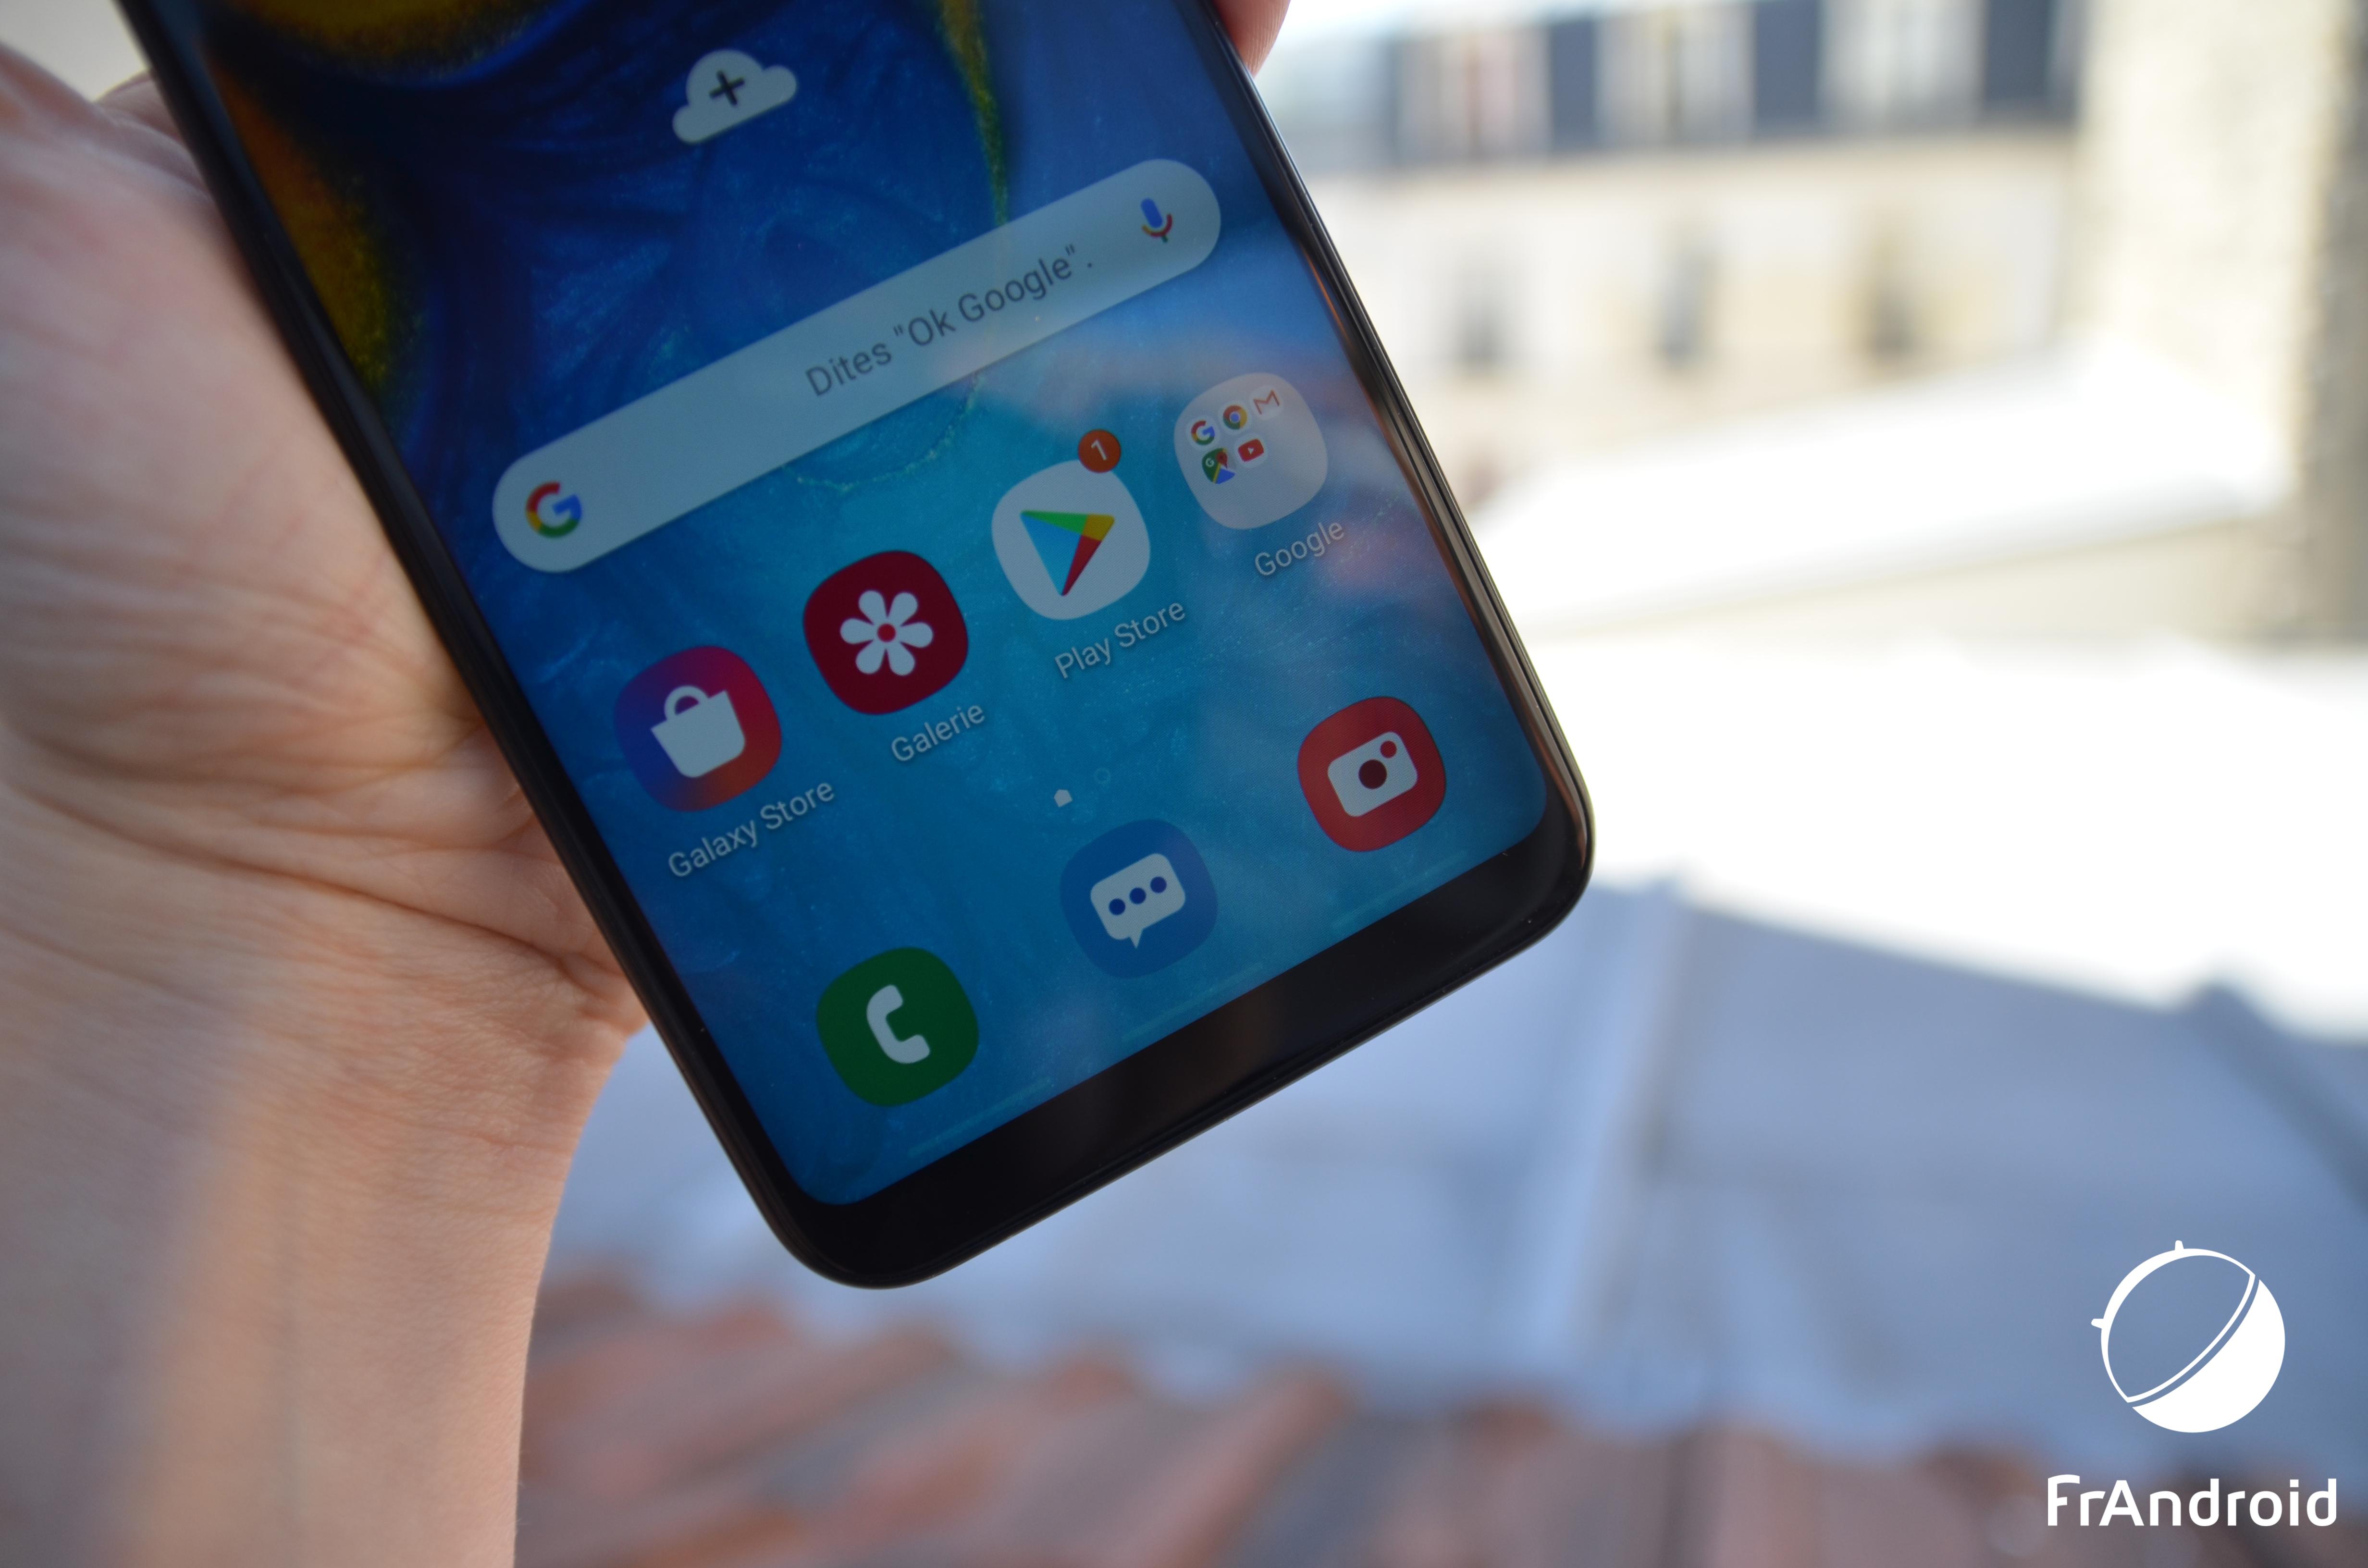 Samsung déploiera très bientôt le RCS sur son application SMS/MMS